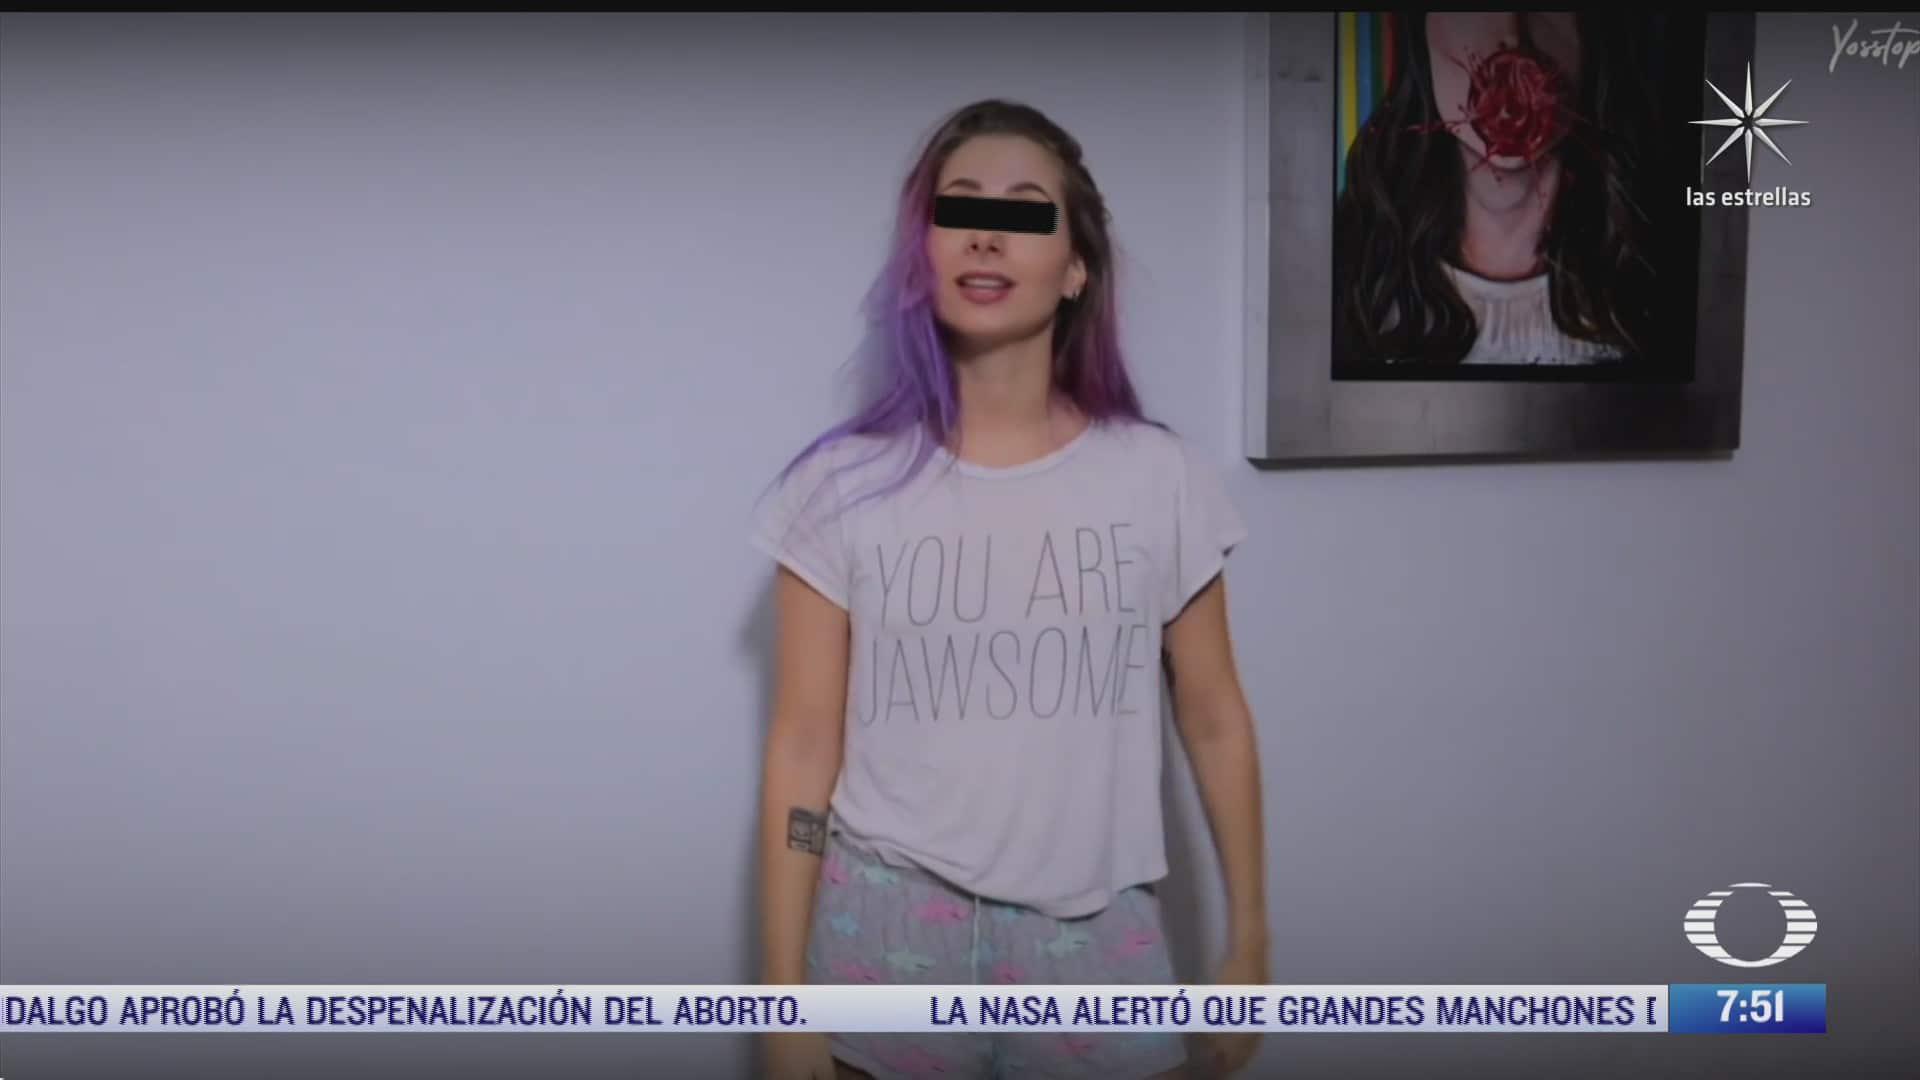 recuento del caso de la youtuber yosstop